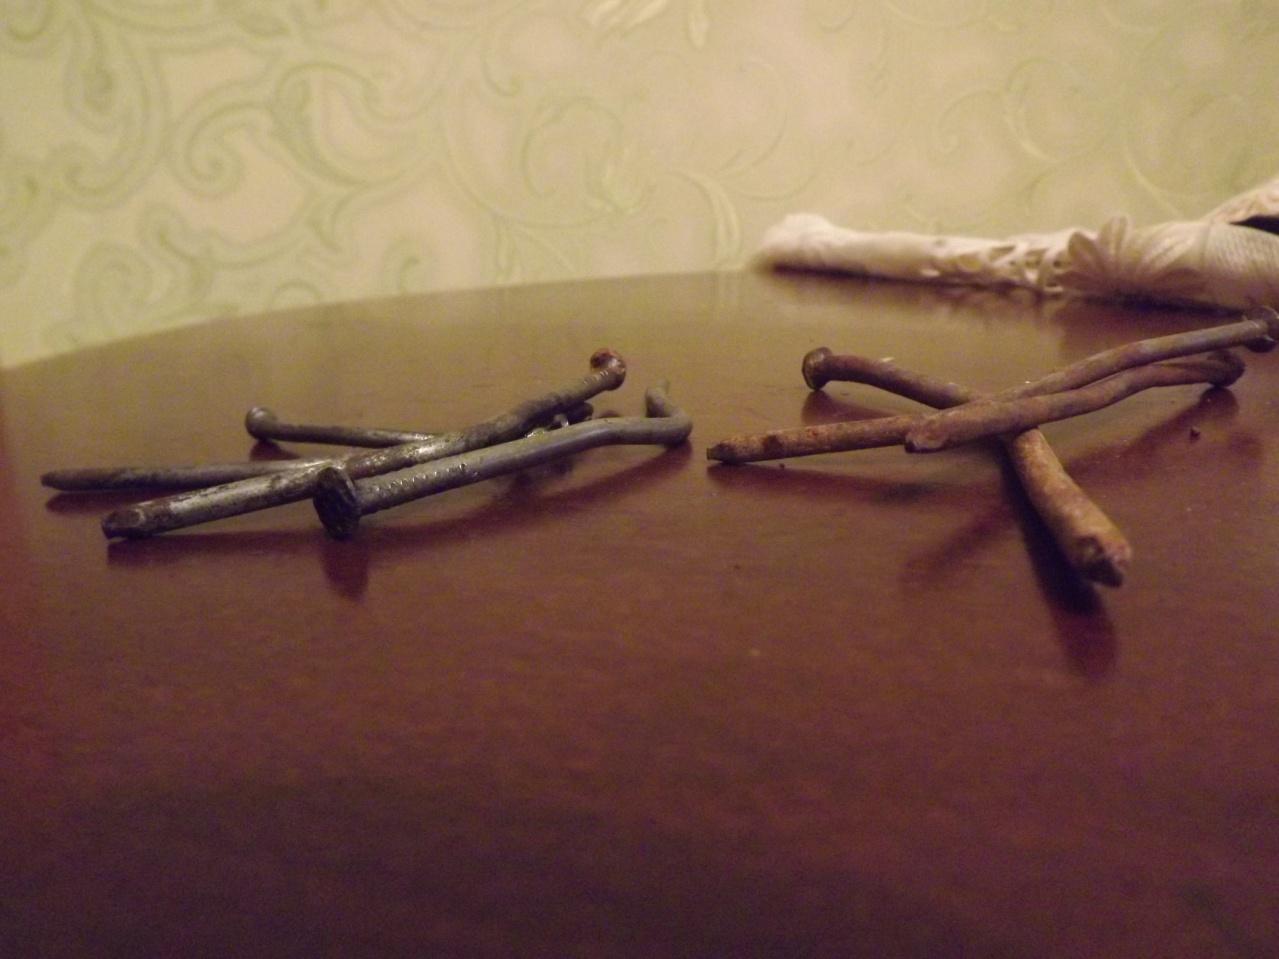 Прибивание гвоздей в сиськи, Бдсм гвоздями прибили сиськи - видео Последние 22 фотография